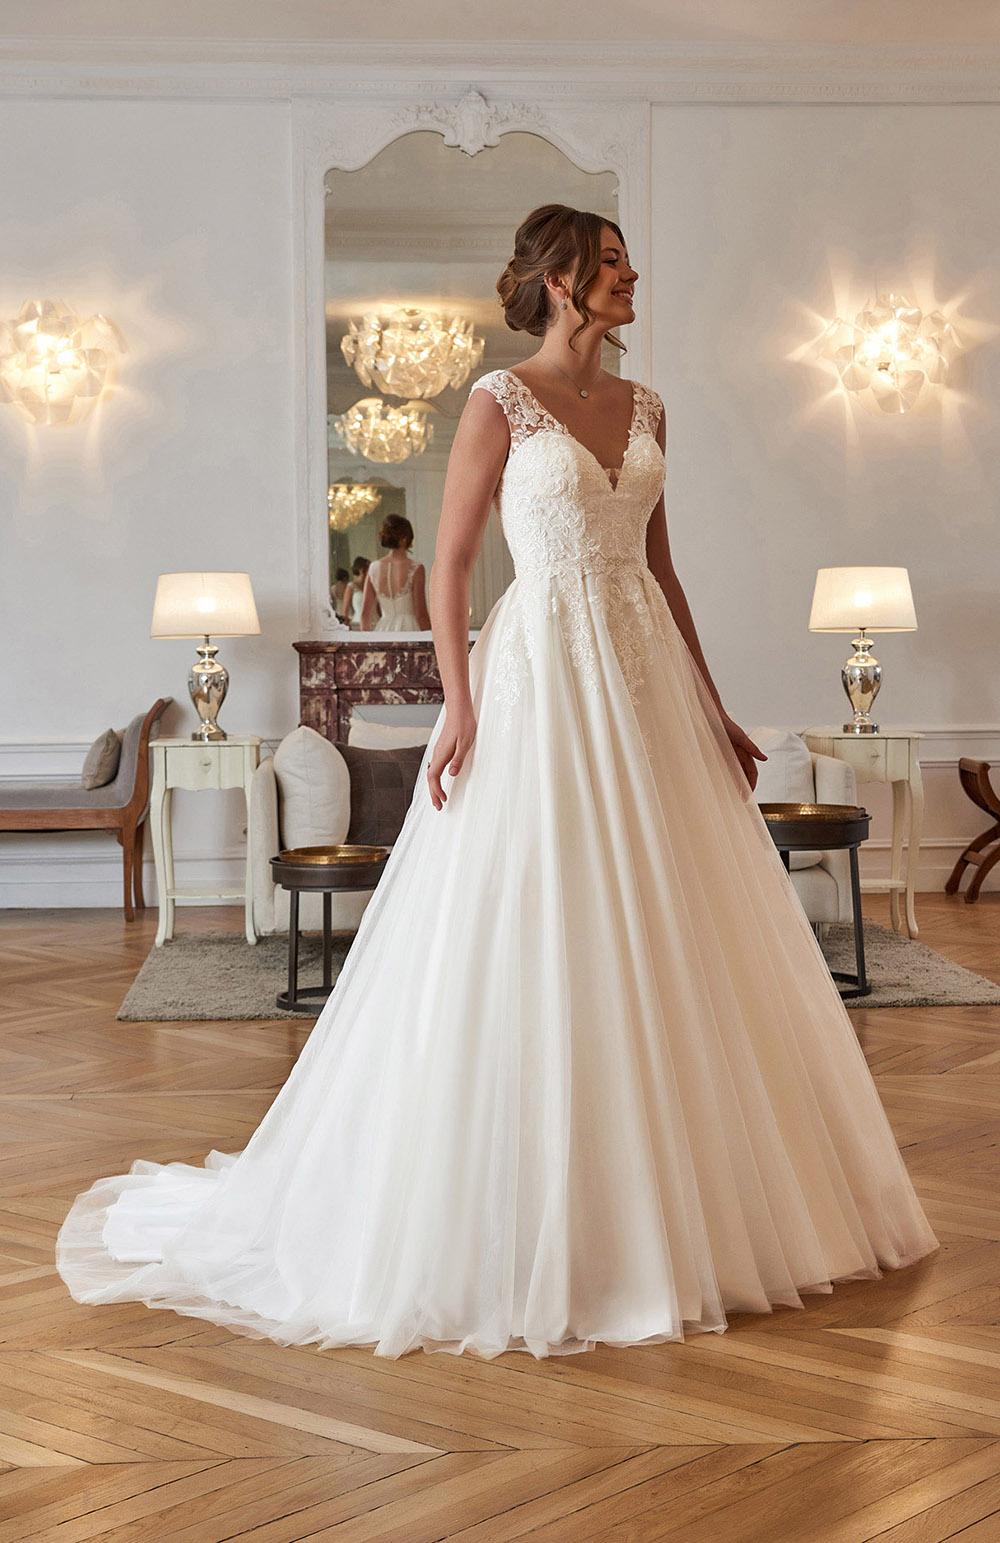 Robe de mariée Modèle Eos